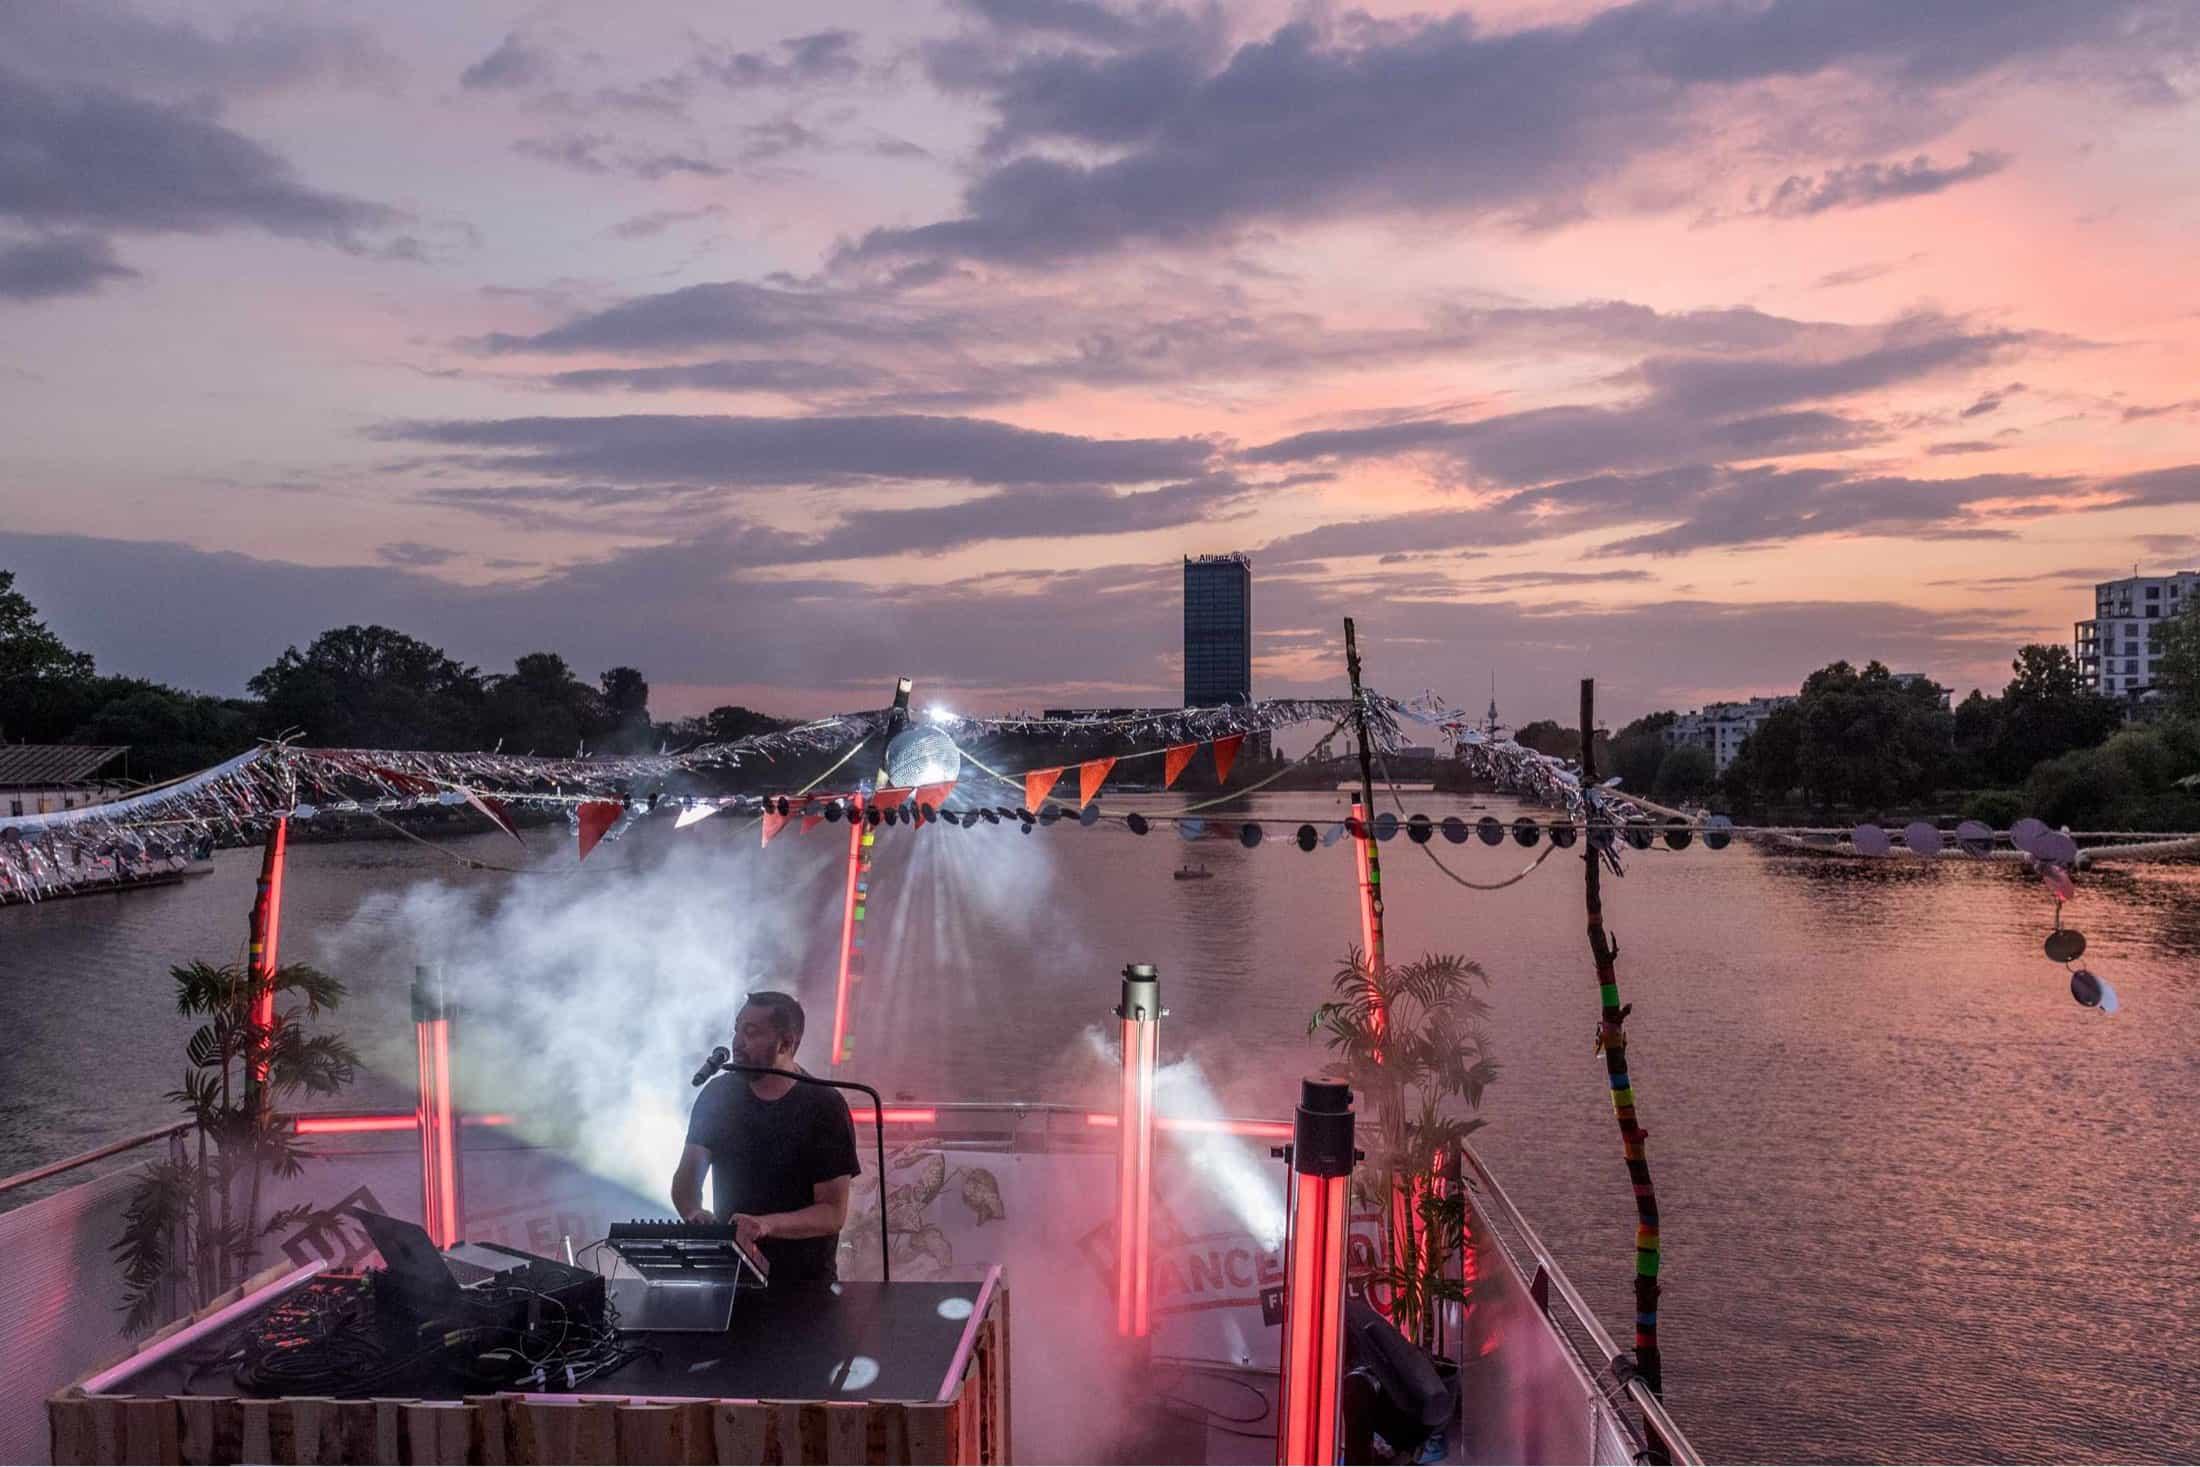 DJ auf dem Schiff bei Sonnenuntergang